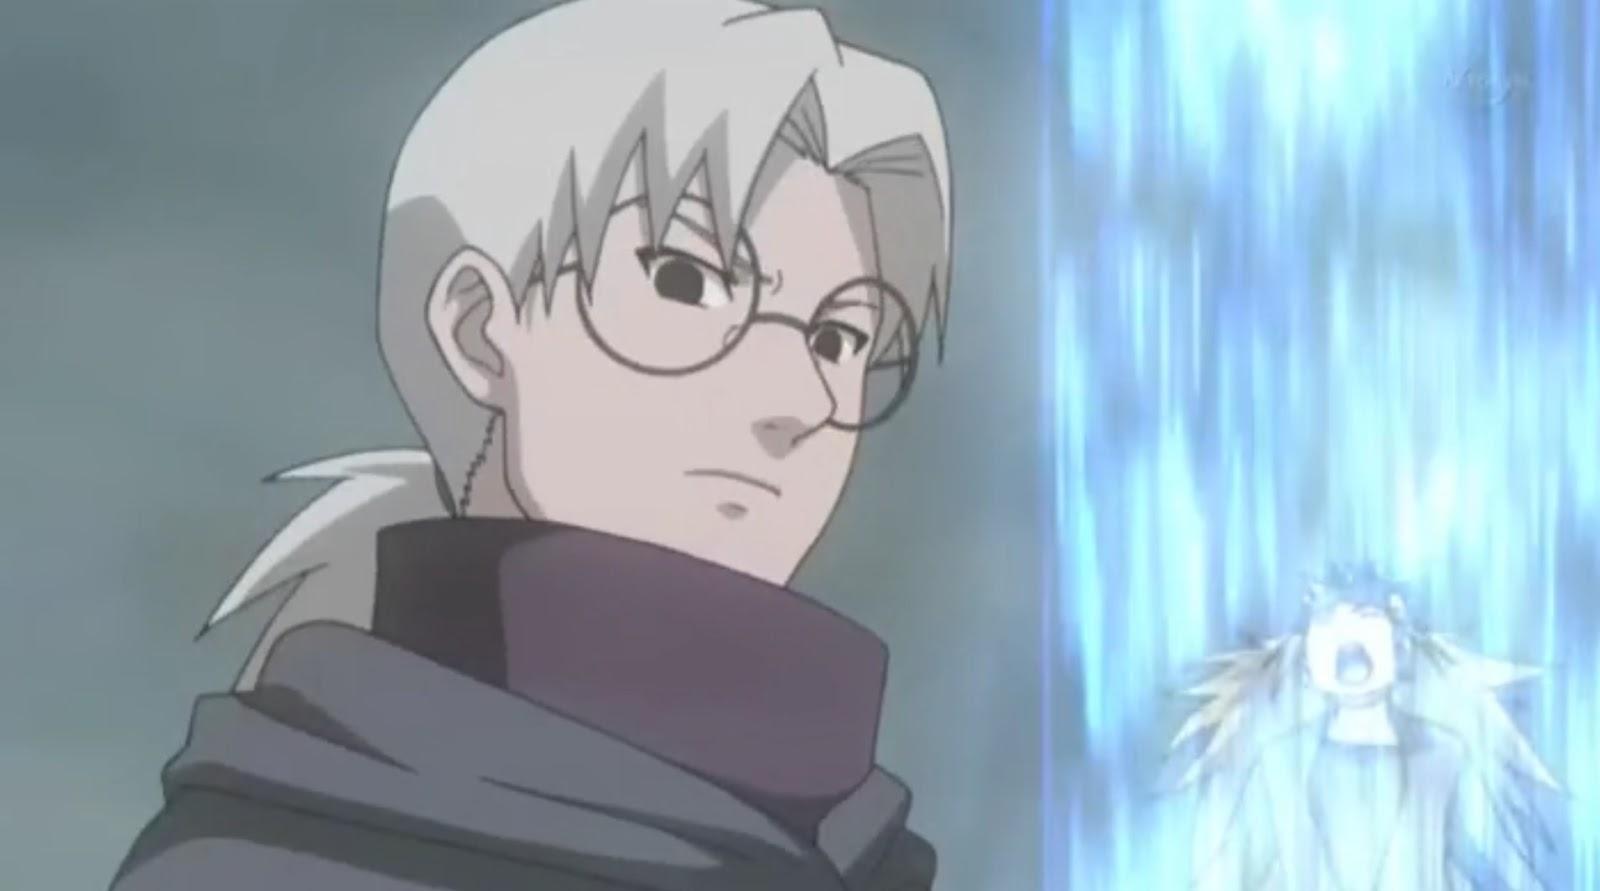 Naruto Shippuden Episódio 92, Assistir Naruto Shippuden Episódio 92, Assistir Naruto Shippuden Todos os Episódios Legendado, Naruto Shippuden episódio 92,HD